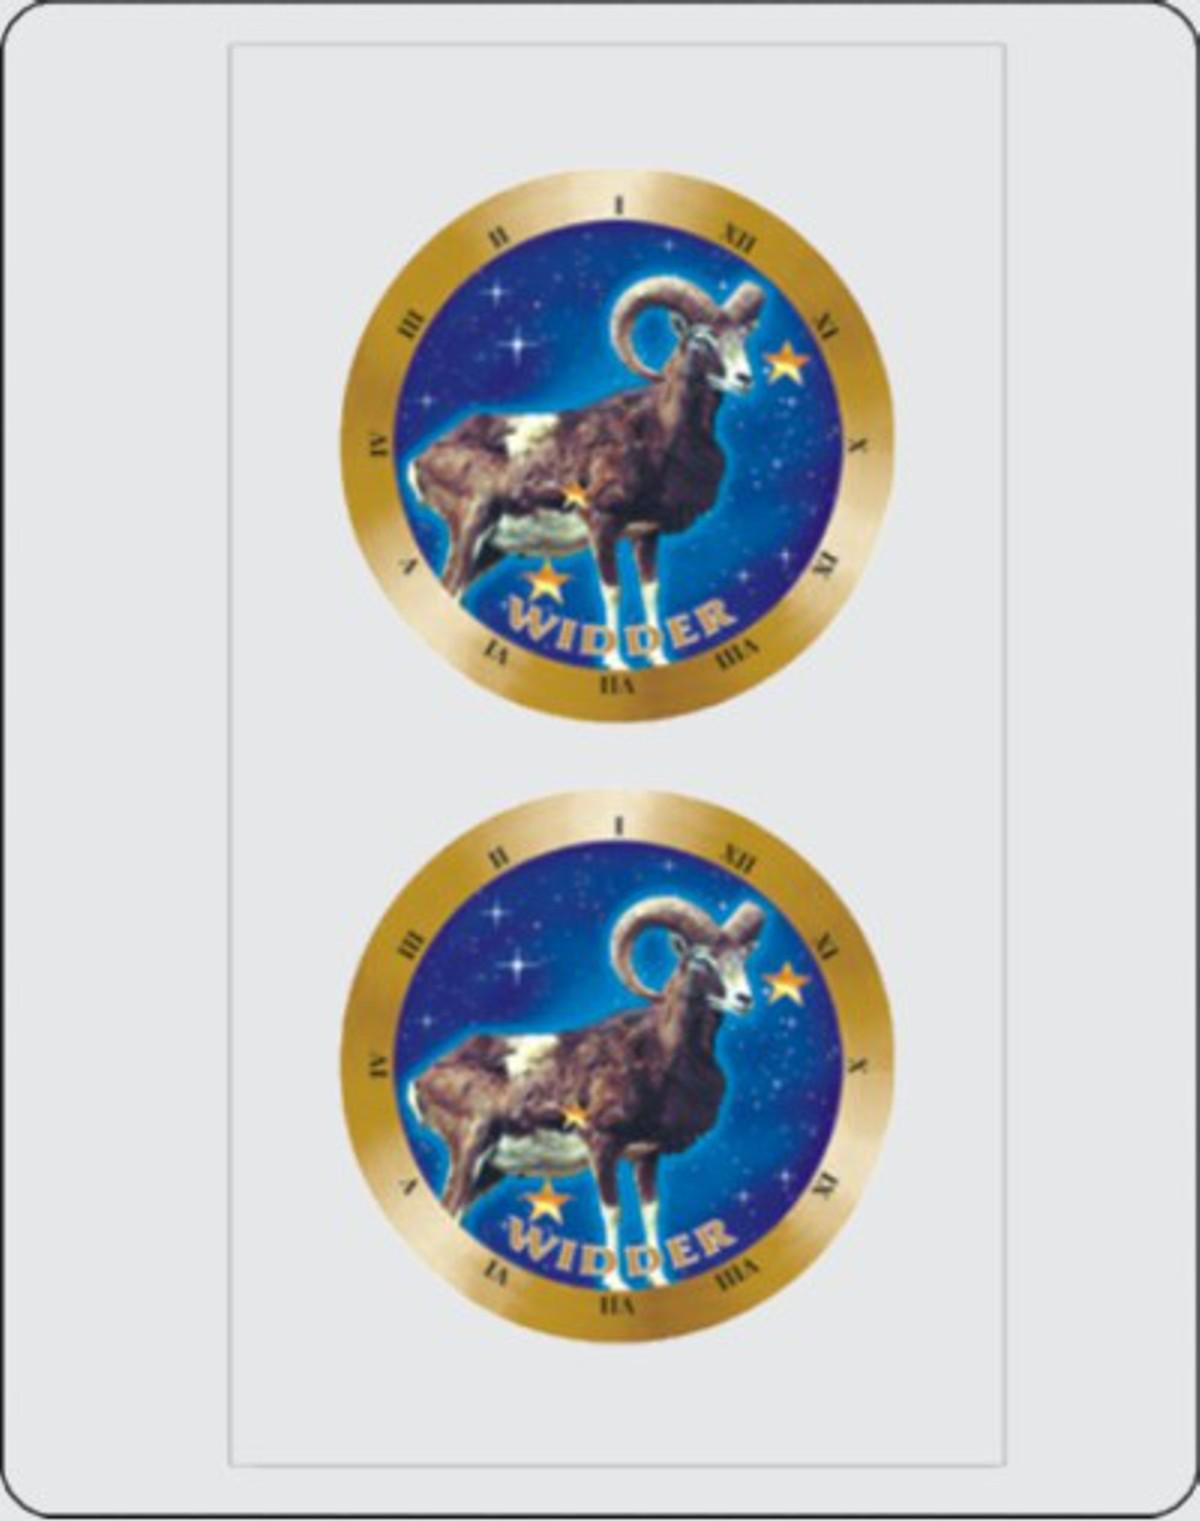 Autocollant signe du zodiaque Bélier dimension set de 2 chaque Ø 40 mm – Bild 1